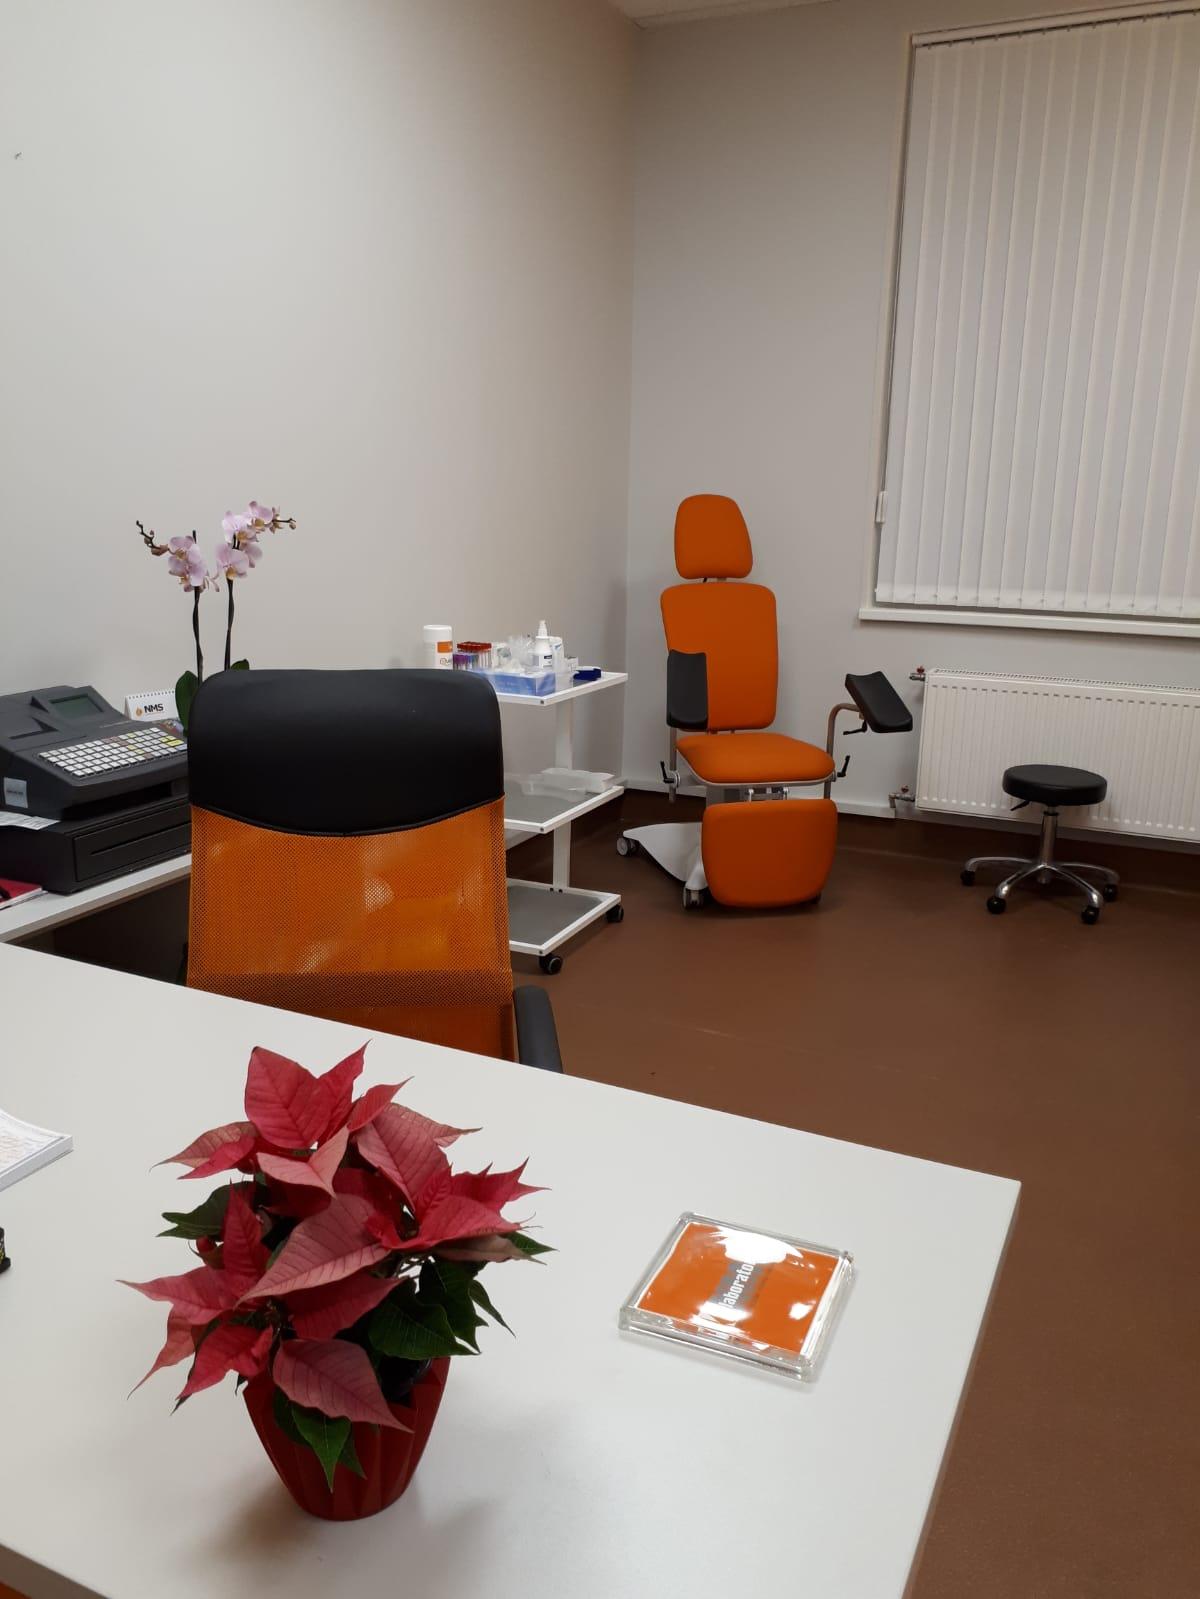 Izmaiņas NMS Laboratorijas darba laikā 1.februārī (Lielais prospekts 36-18, Ventspils)